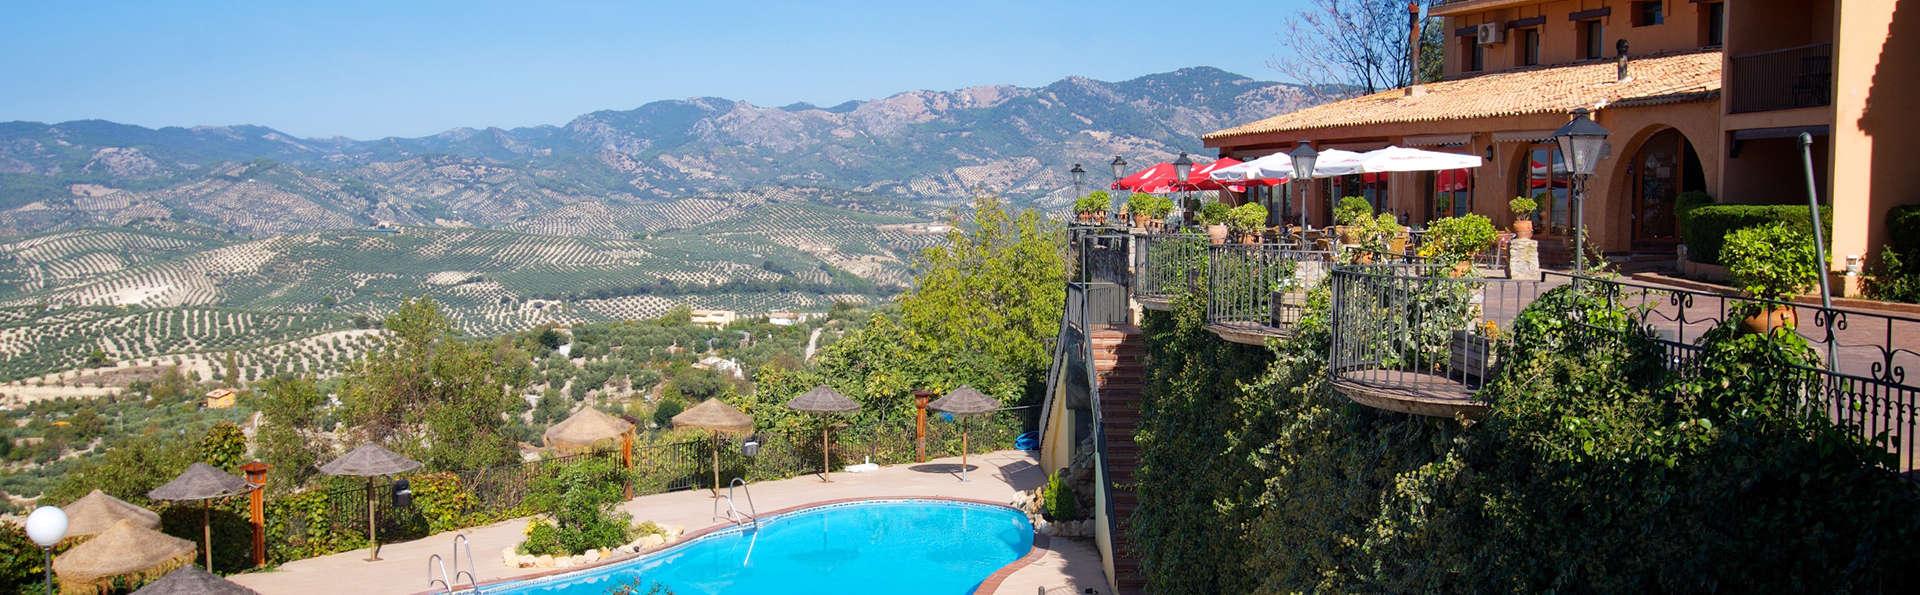 Hotel & Spa Sierra de Cazorla 4* - edit_view.jpg